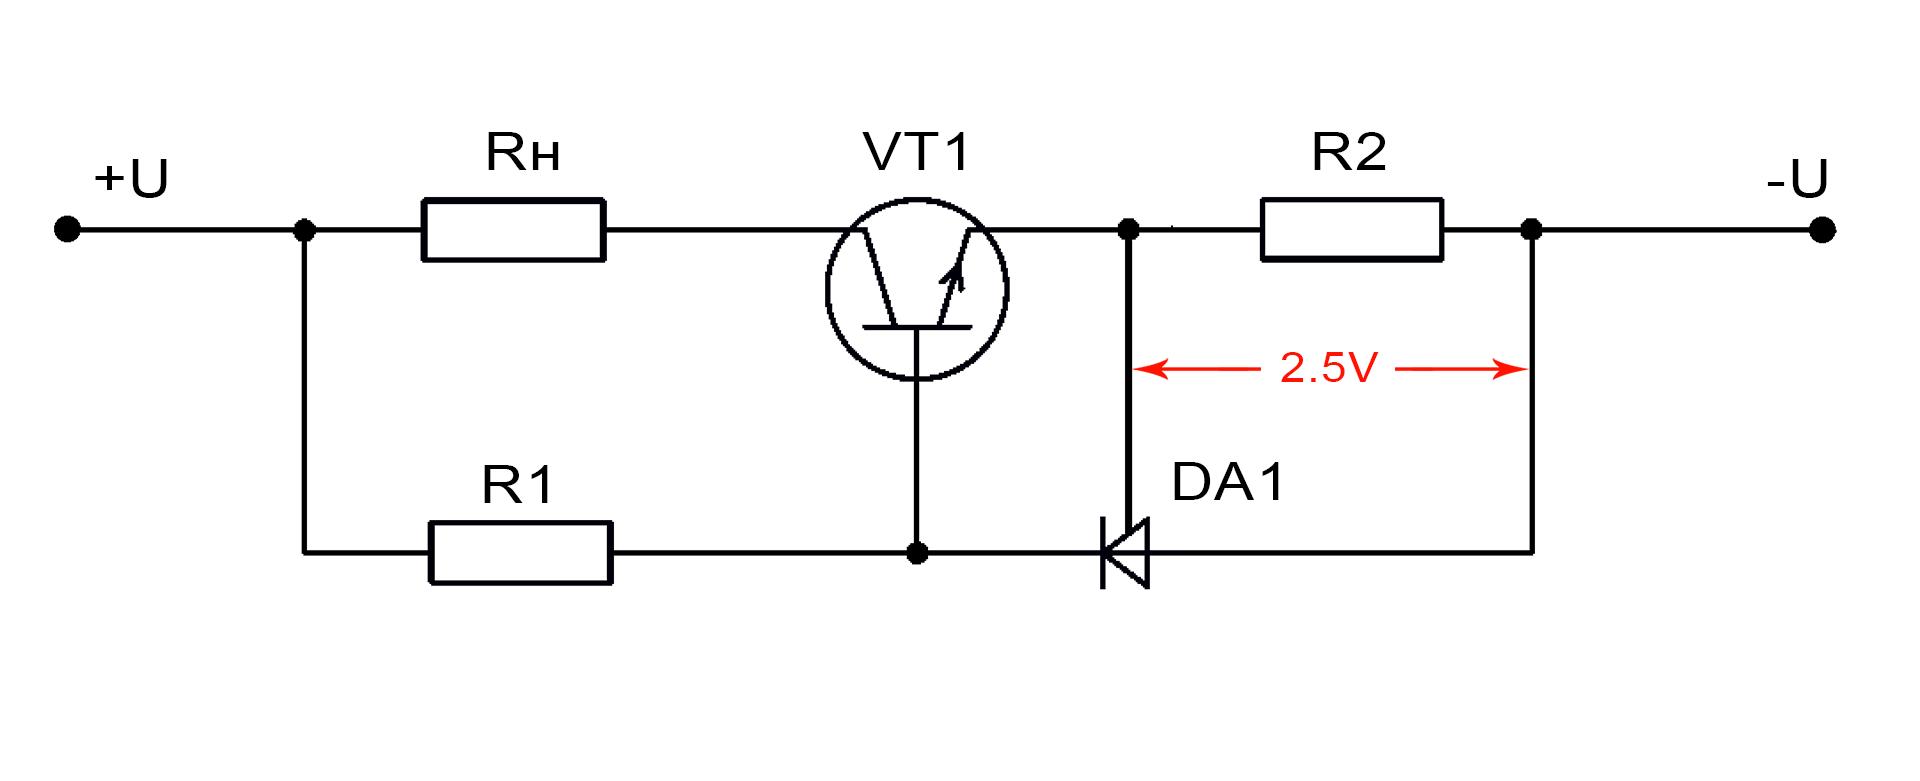 Схема включения TL431 в качестве стабилизатора тока